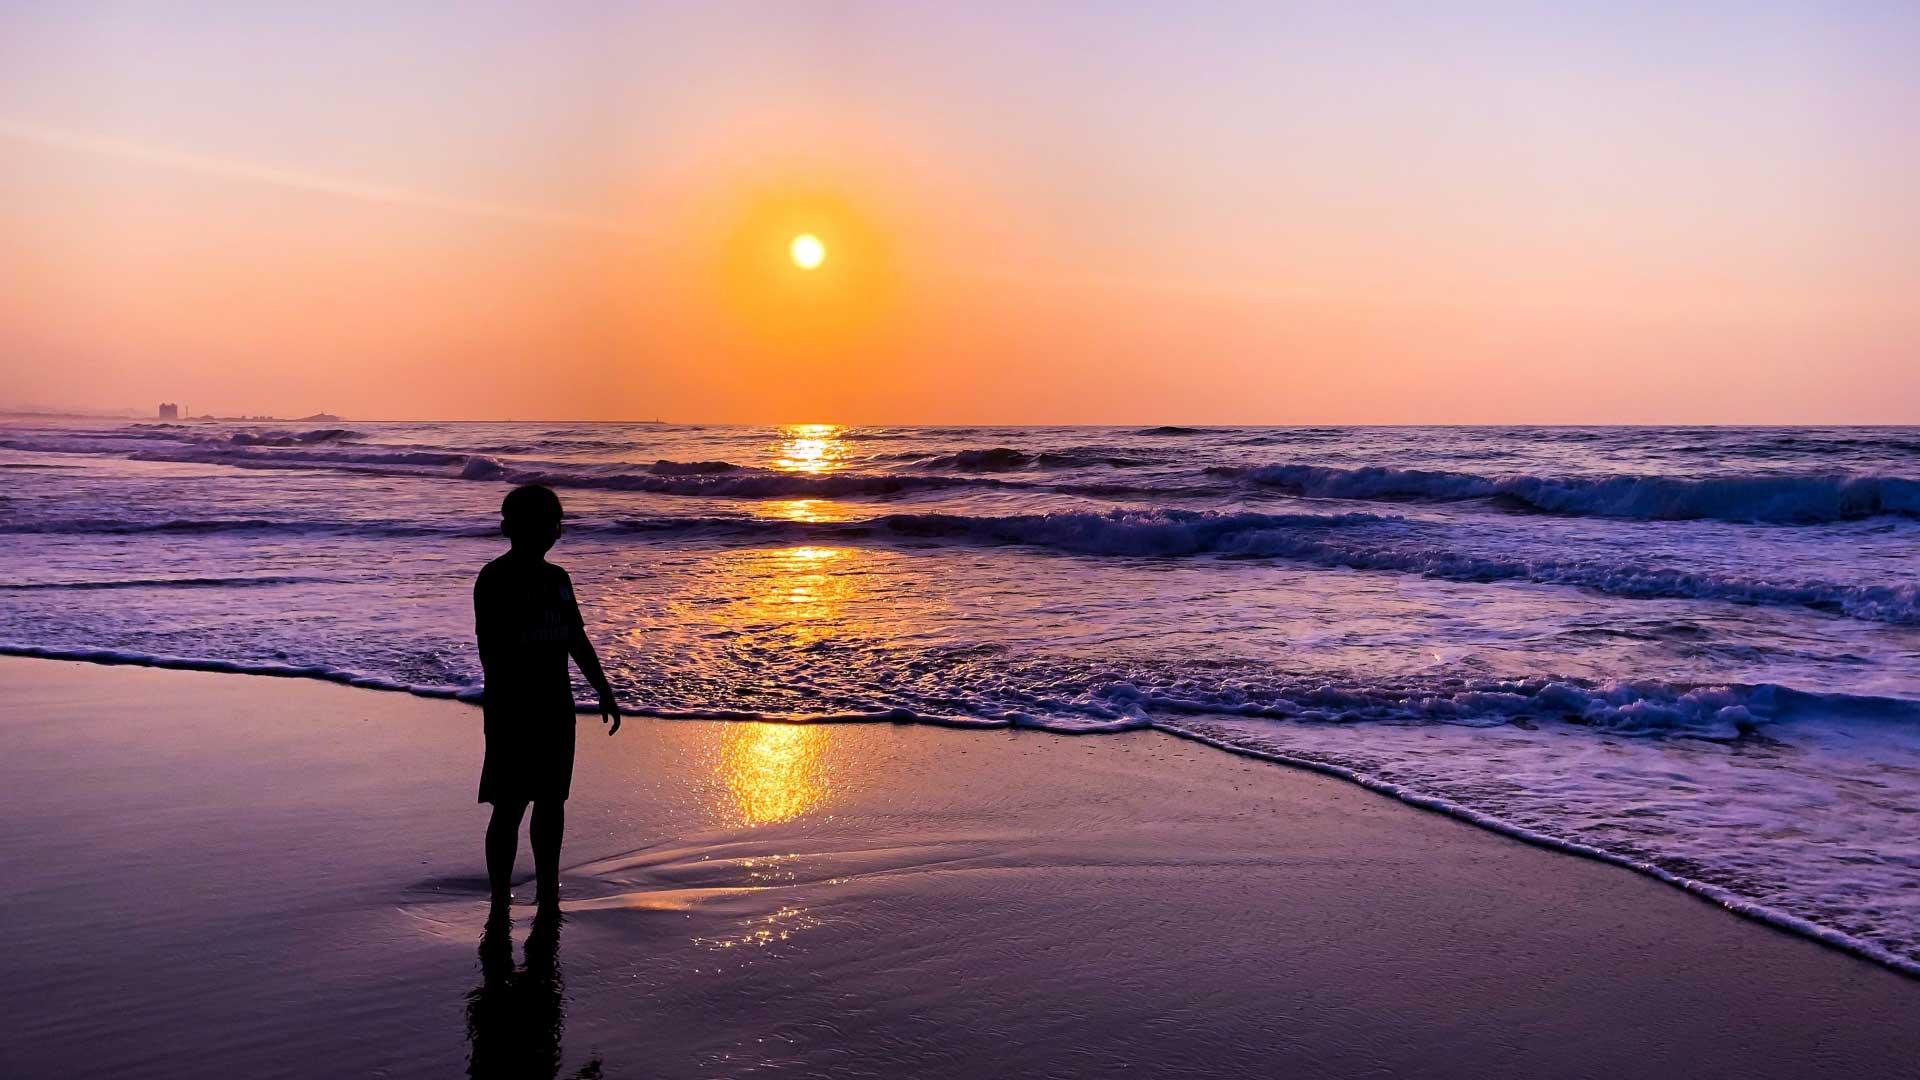 日本海に沈む夕日を眺めつつ非日常を感じてください